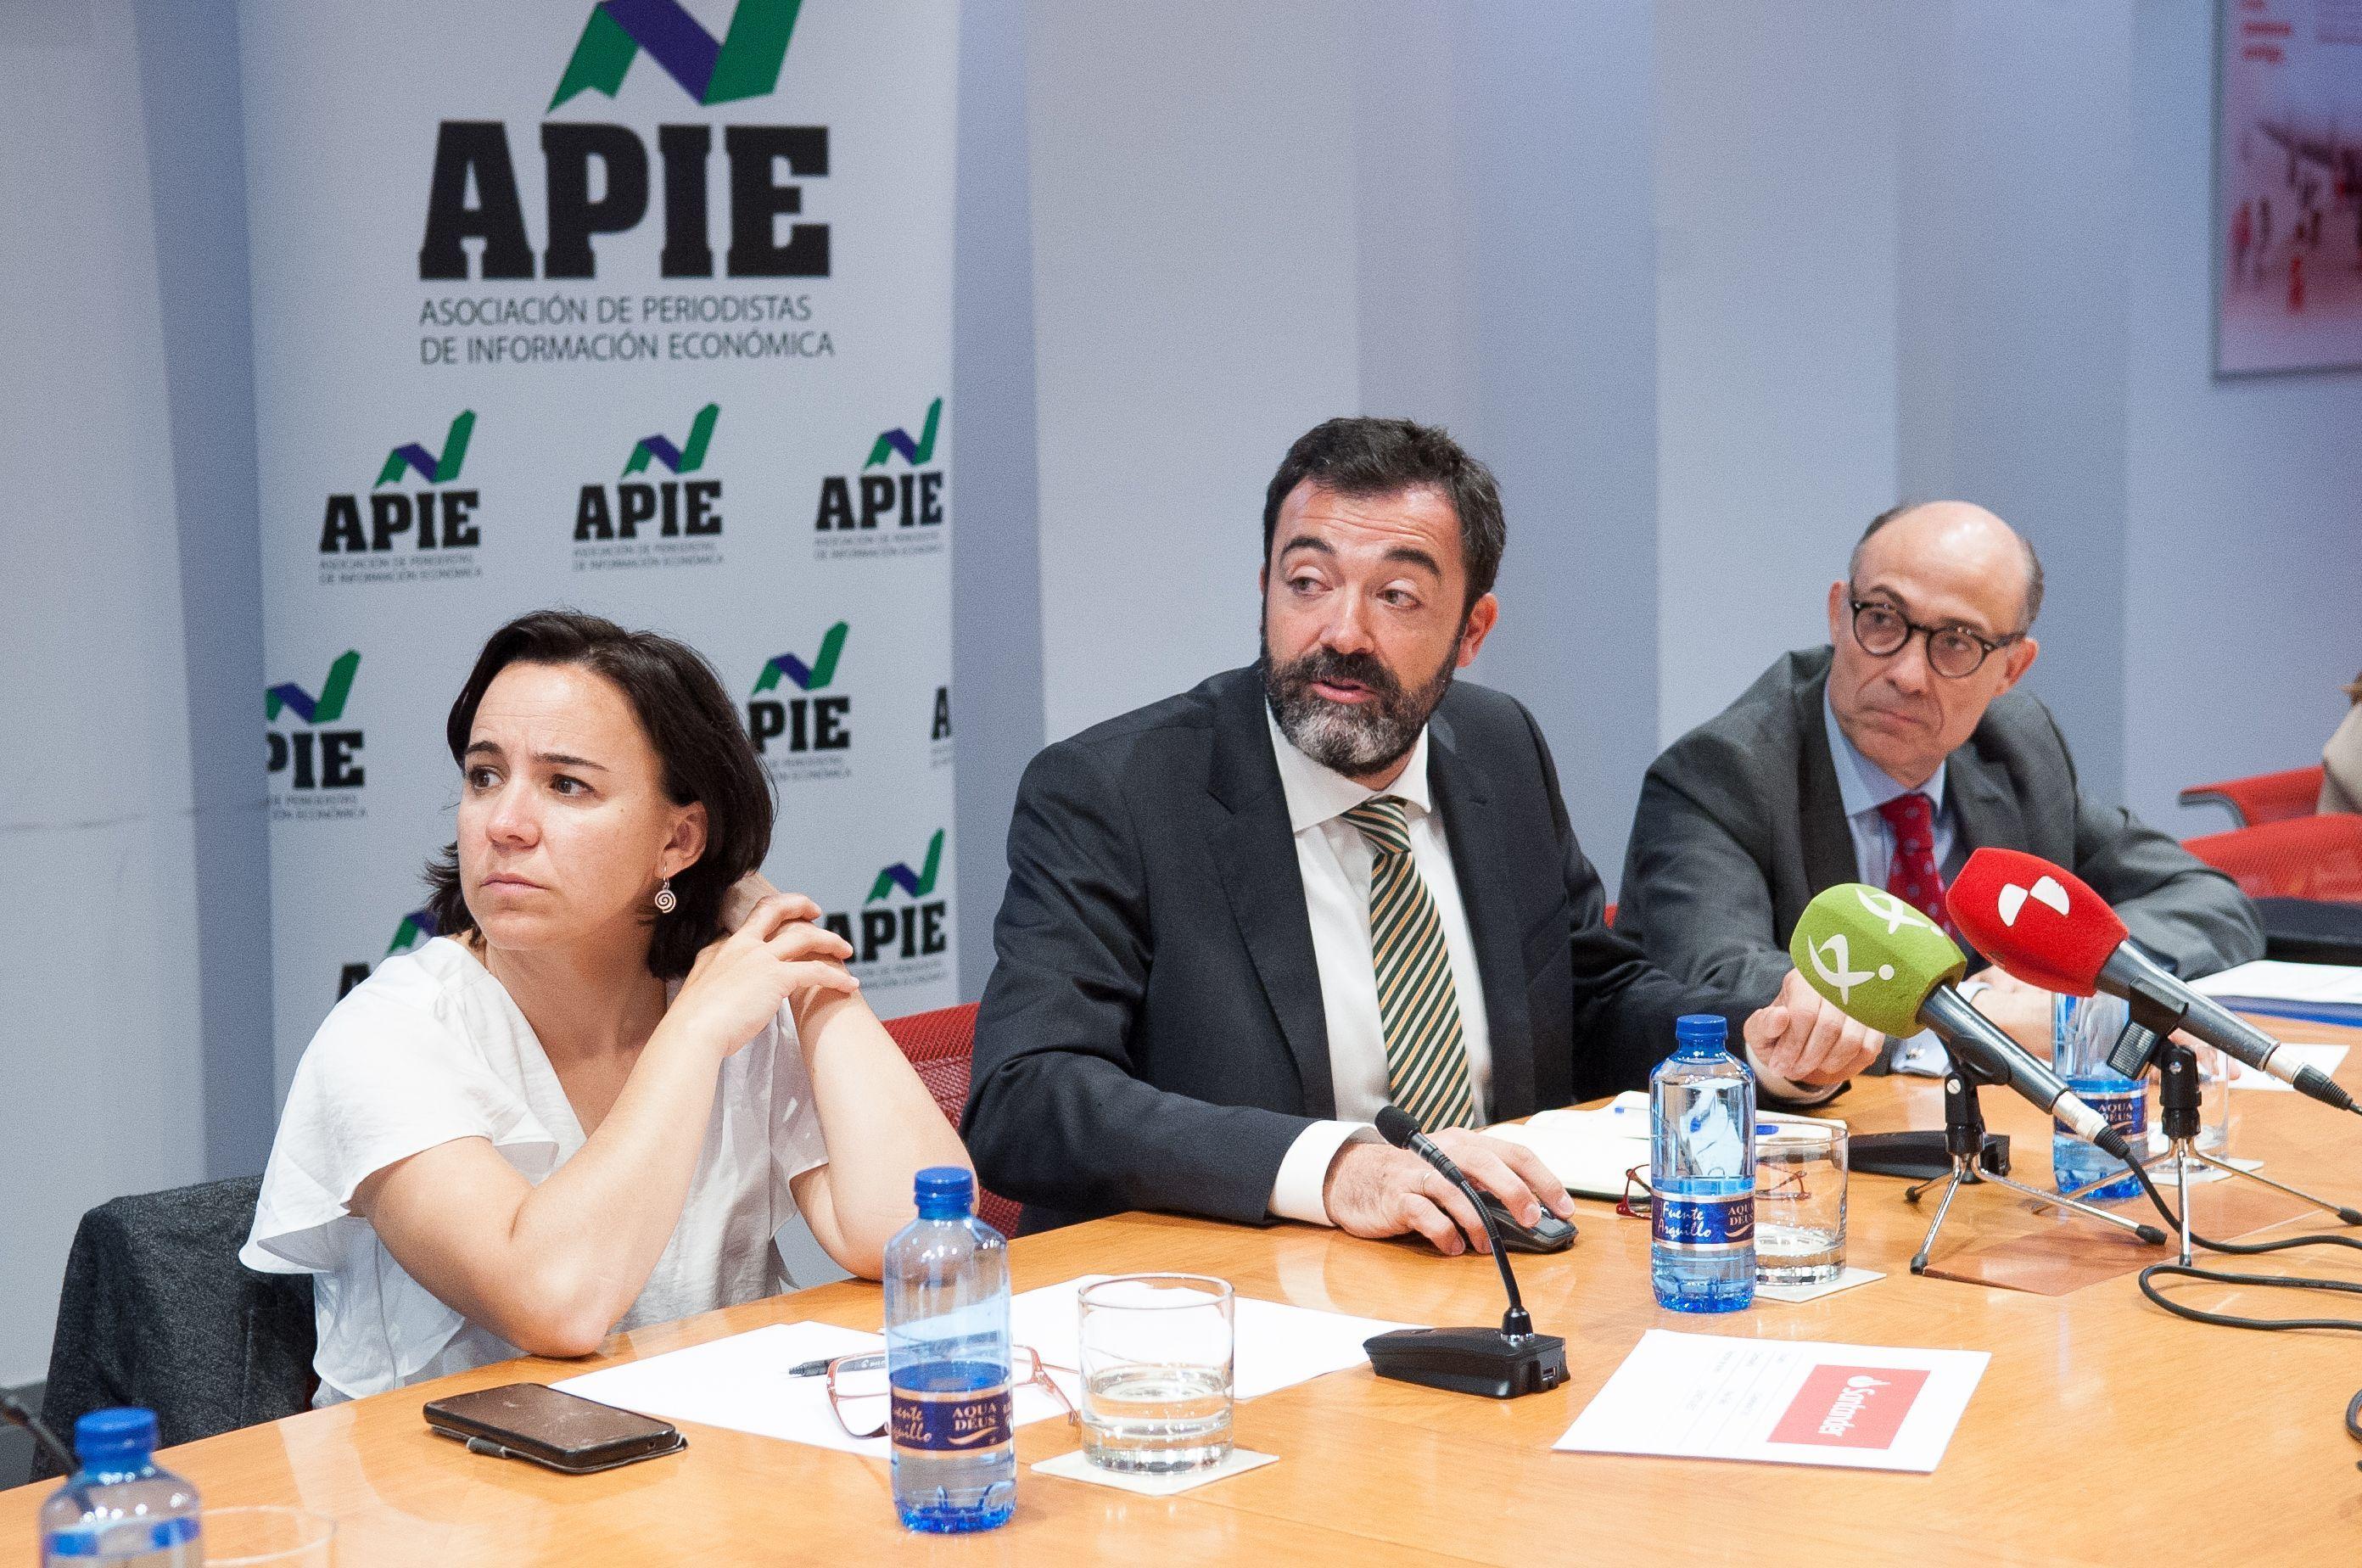 De izquierda a derecha, Ana Herrero Alcalde, César Cantalapiedra y Jorge Onrubia, durante la mesa redonda sobre financiación autonómica celebrada en la segunda jornada del XXXI Curso de Economía organizado por la APIE.